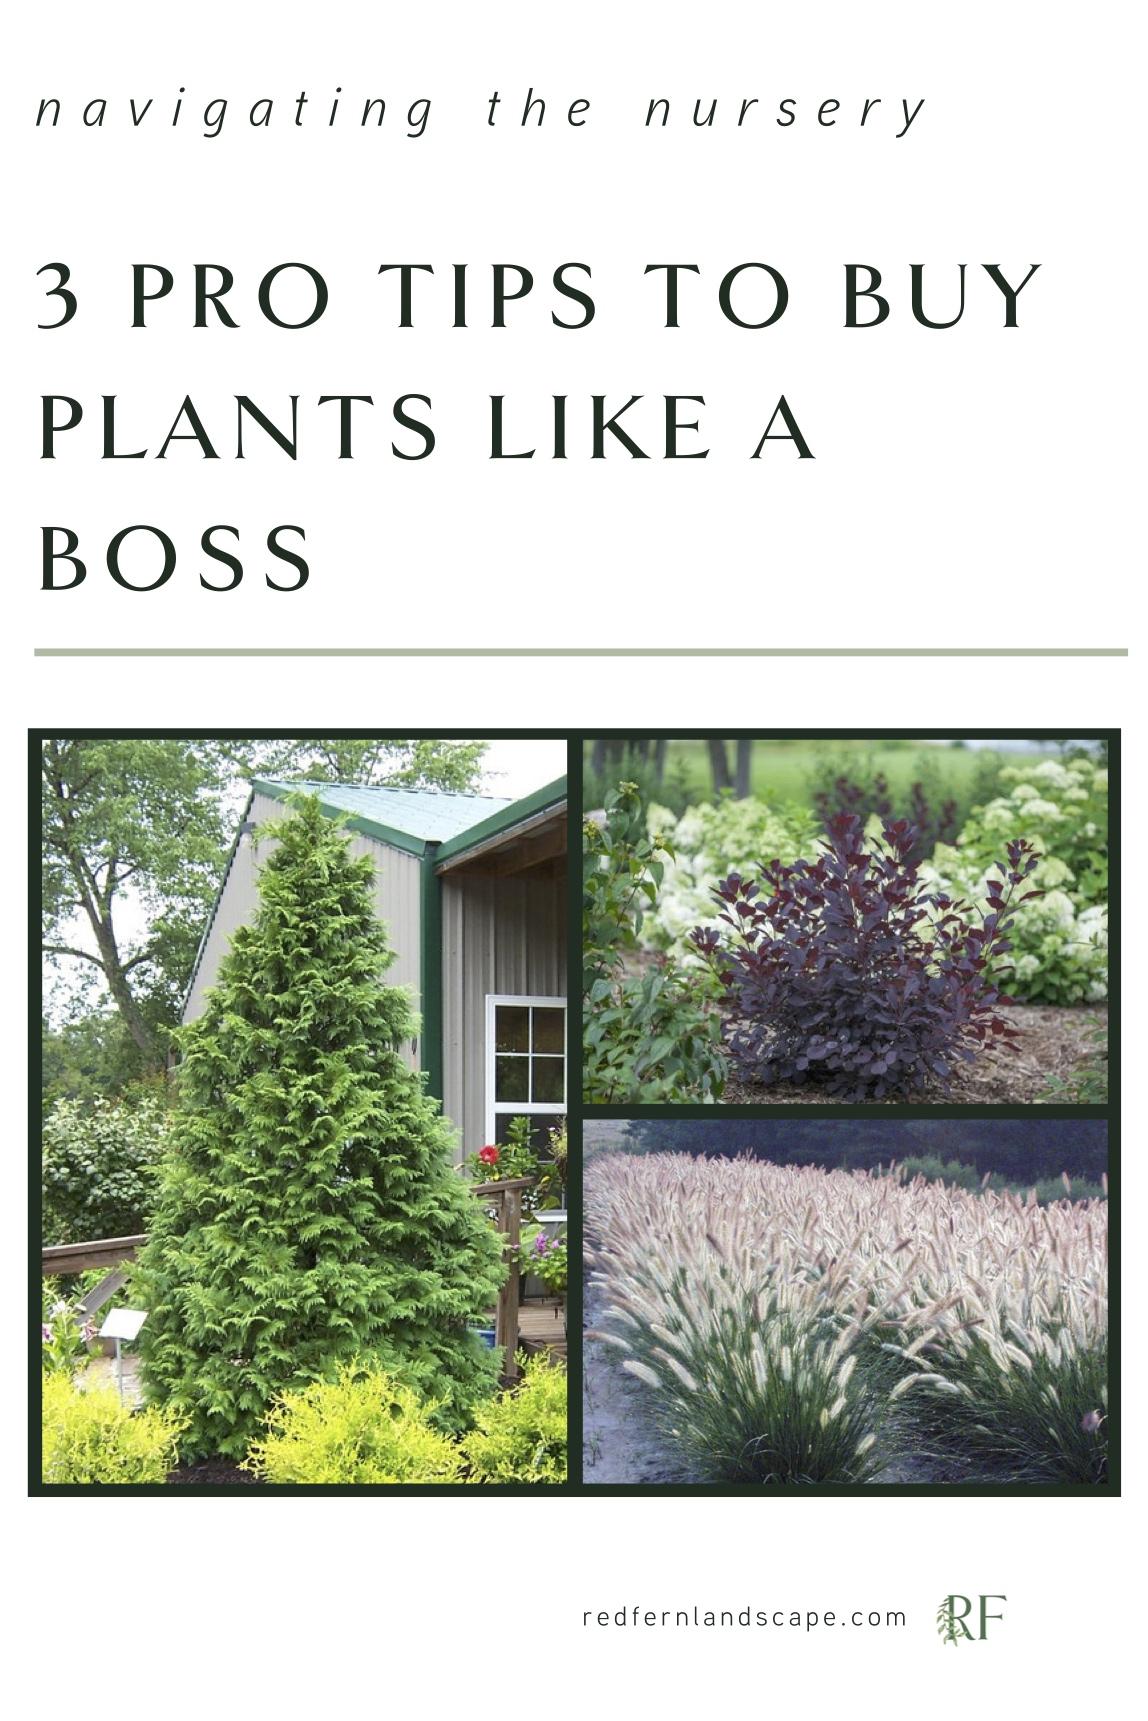 Red-Fern-landscape-design-des-moines-landscaping-landscape-designer-buying-plants